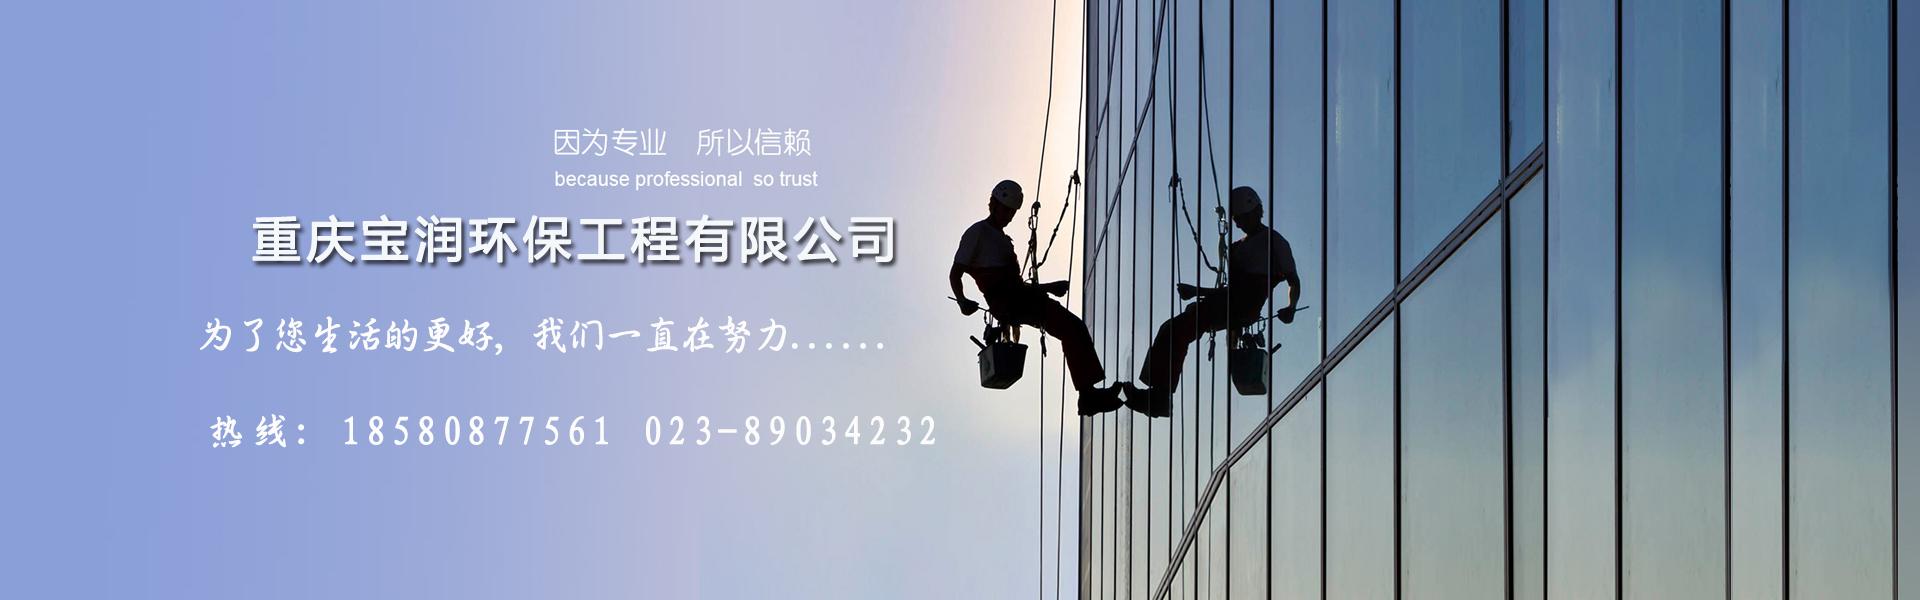 重庆海洋之神环保有限公司清洁服务公司banner宣传示例图